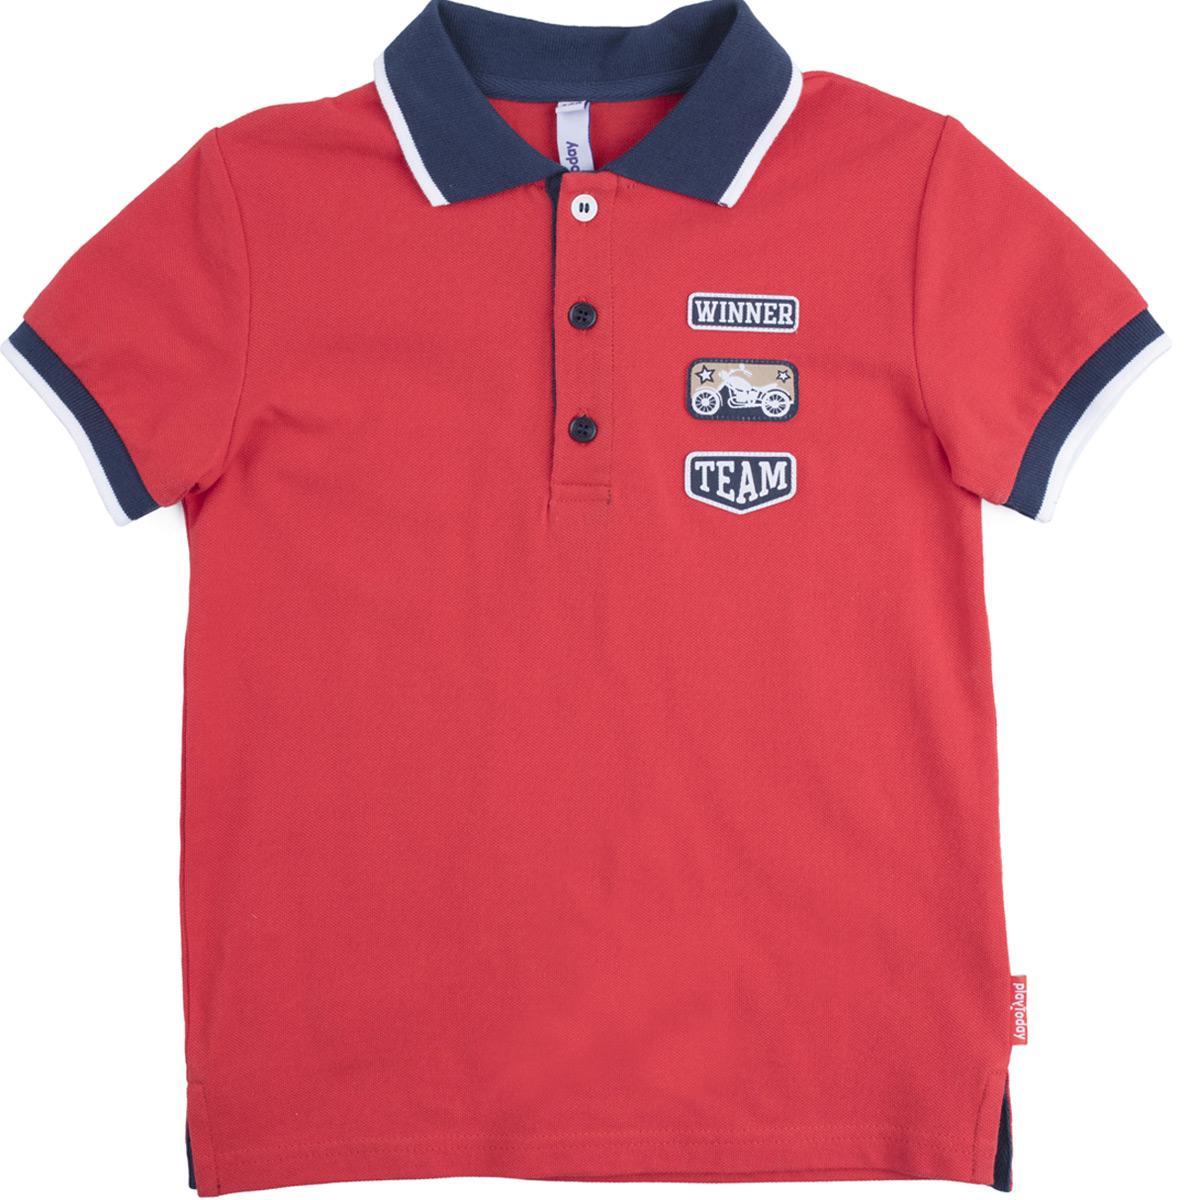 Футболка для мальчика PlayToday, цвет: красный. 181105. Размер 134/140181105Футболка - поло выполнена из натуральной хлопковой ткани. Горловина оформлена отложным воротником. Лекало полностью совпадает с лекалом футболки - поло для взрослого.